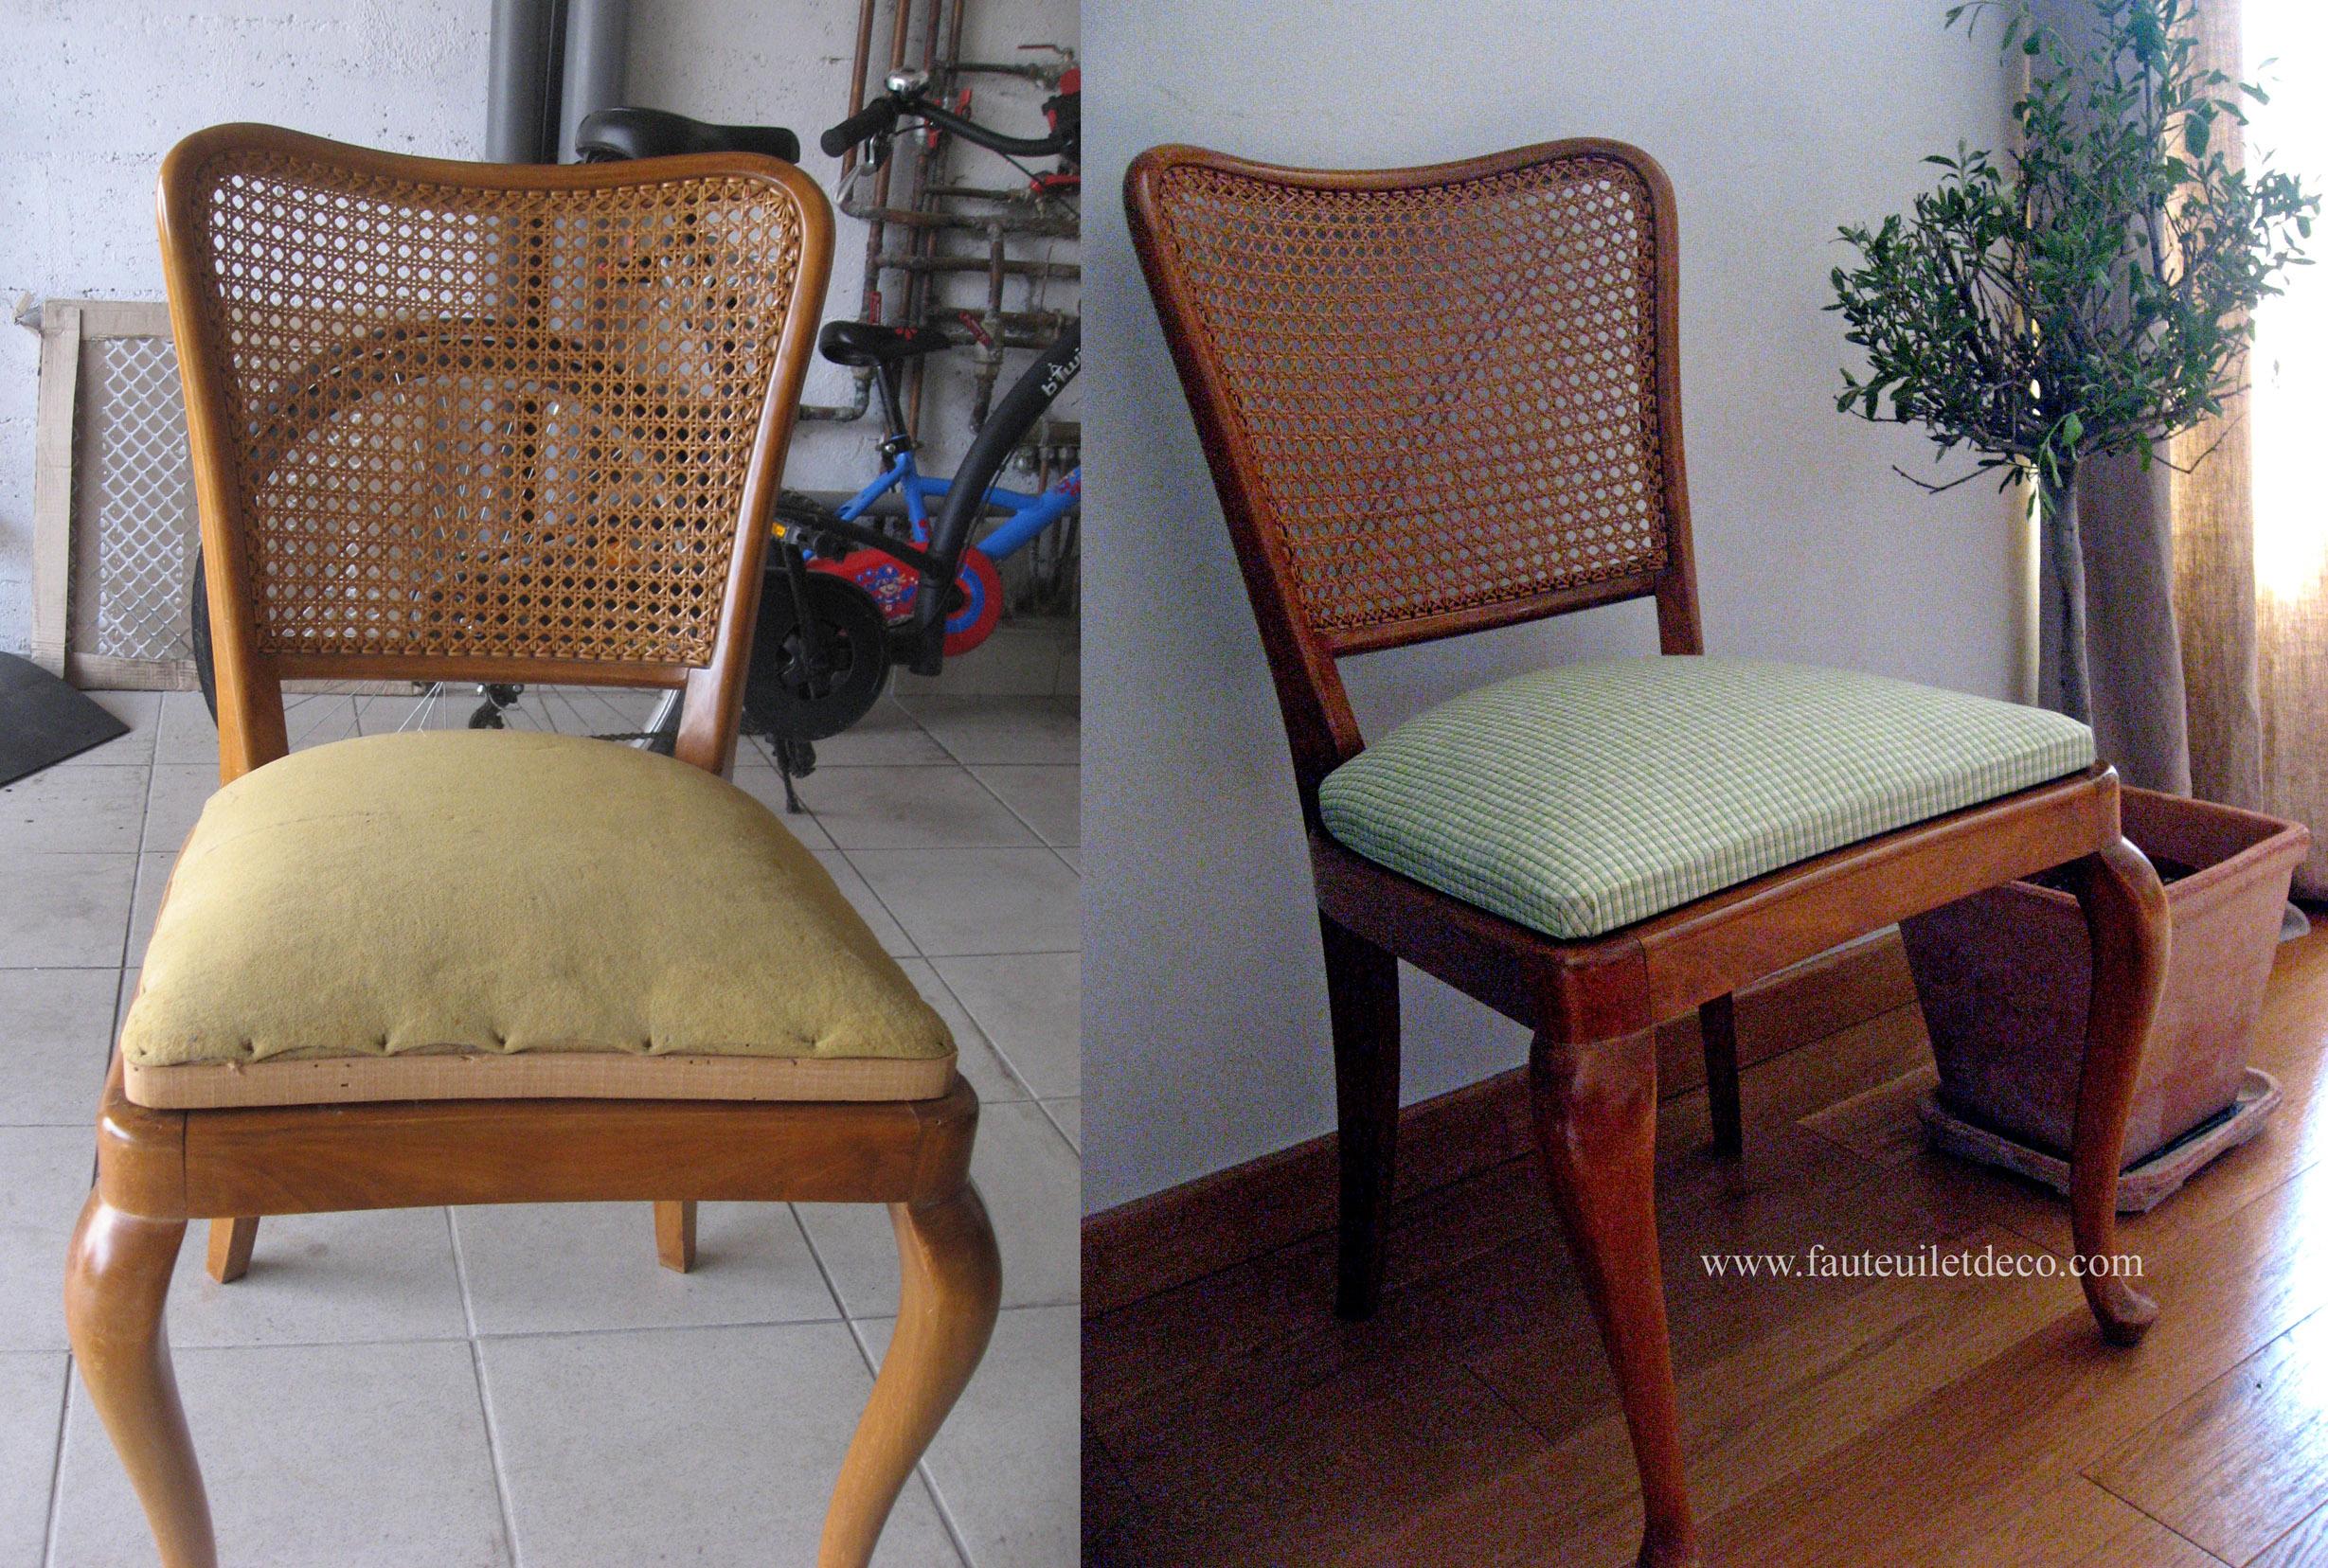 chaises fauteuil d co. Black Bedroom Furniture Sets. Home Design Ideas